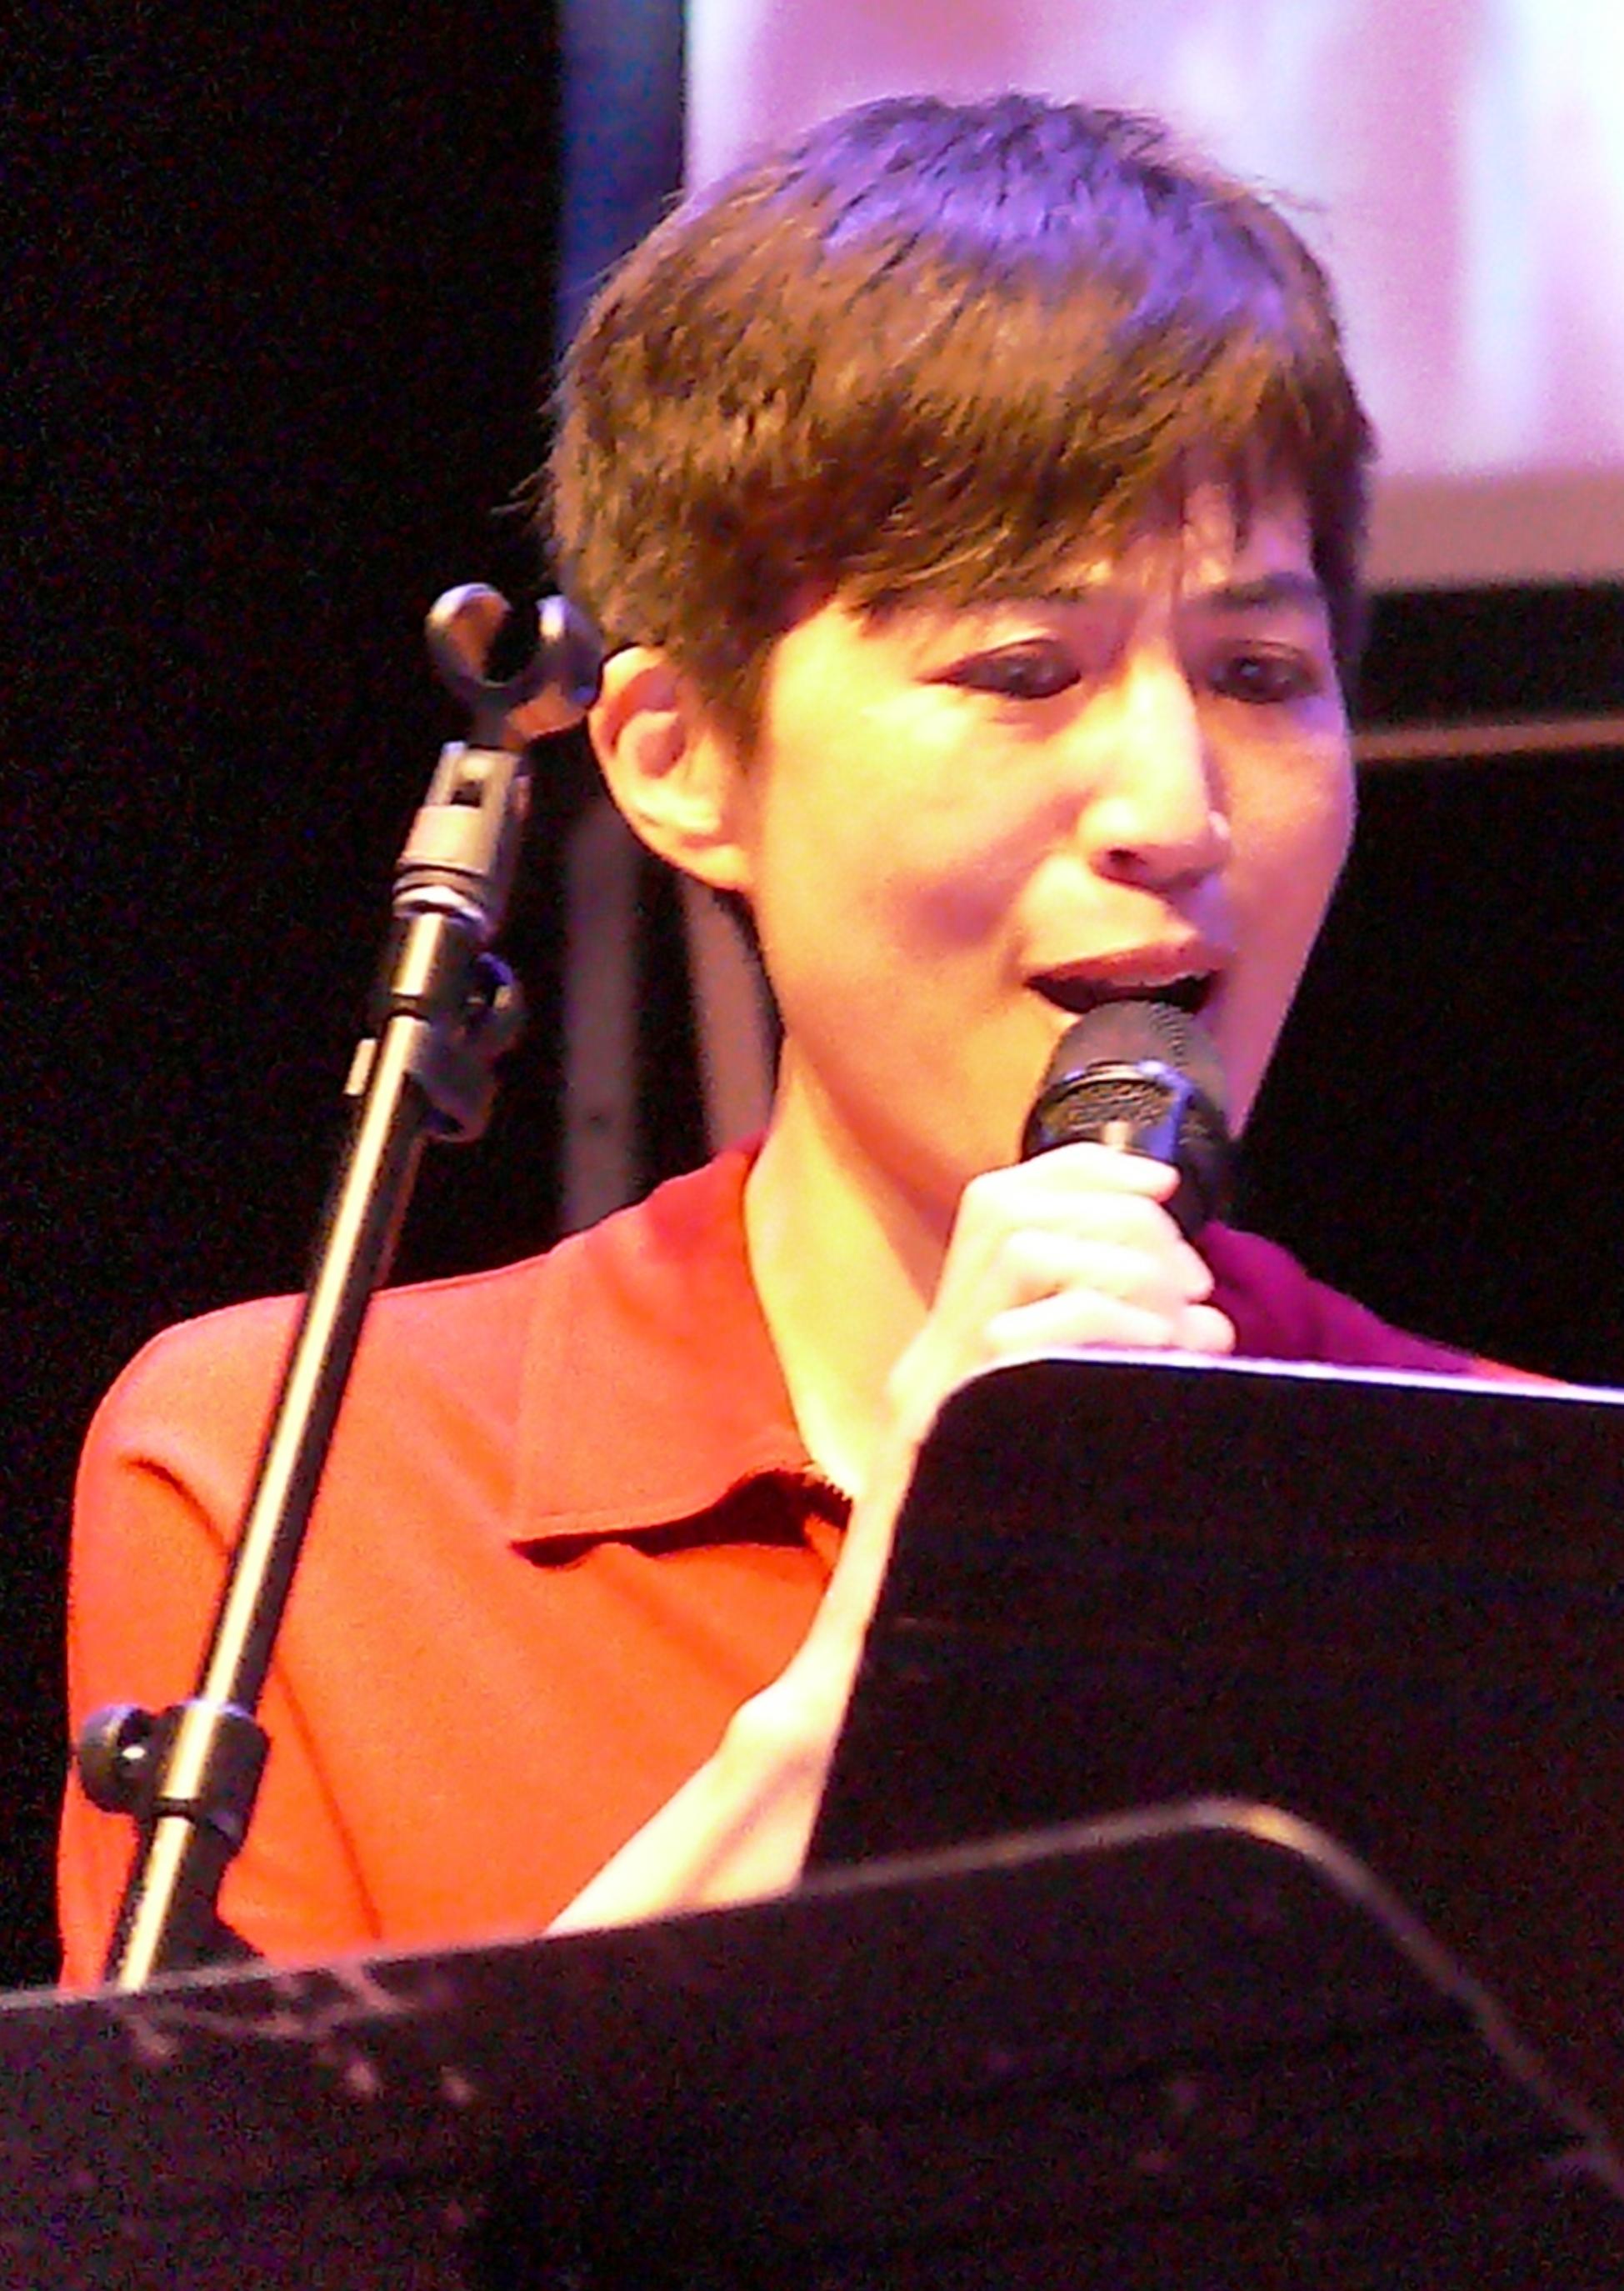 Kyoko Kitamura at the Vision Festival, NYC in June 2012